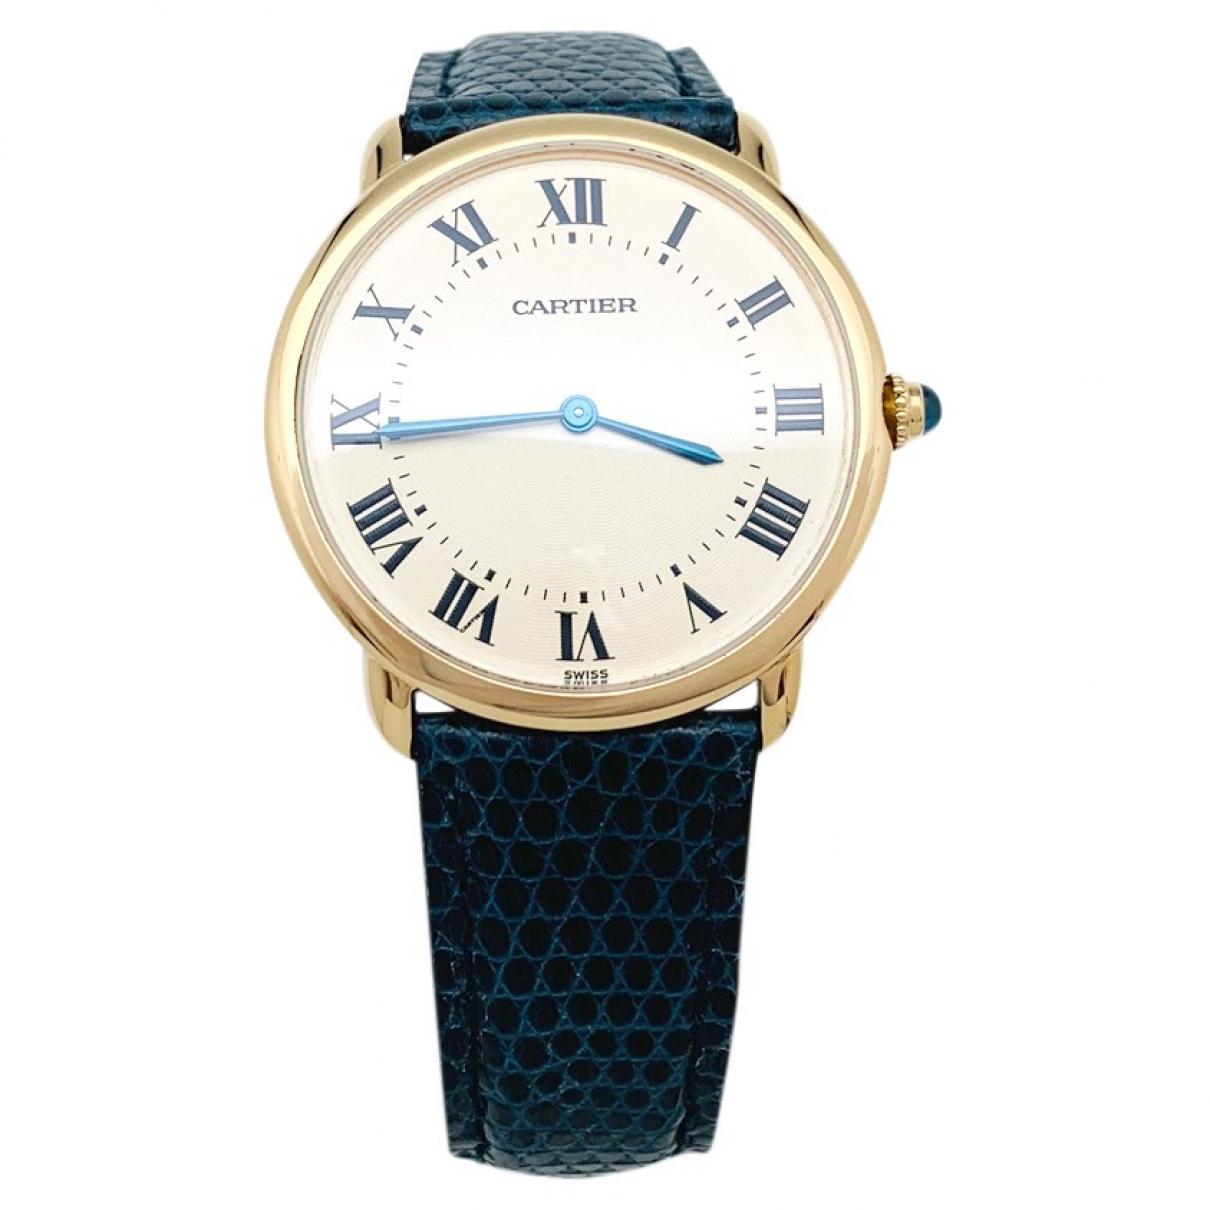 Cartier \N Yellow gold watch for Women \N